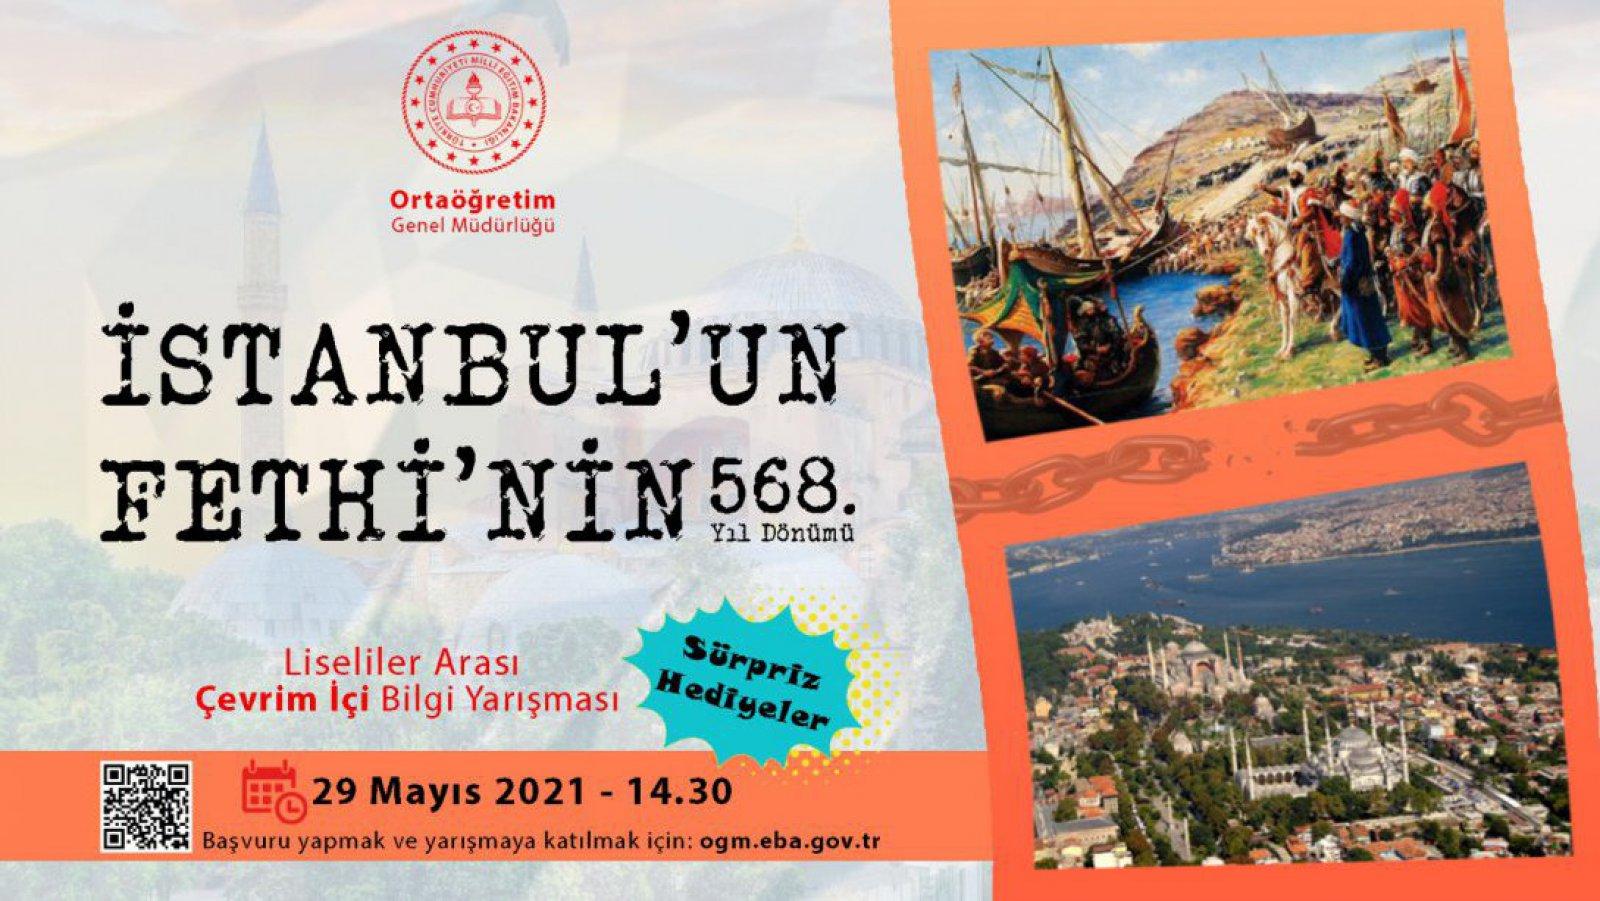 İstanbul'un Fethi Liseliler Arası Çevrim İçi Bilgi Yarışması